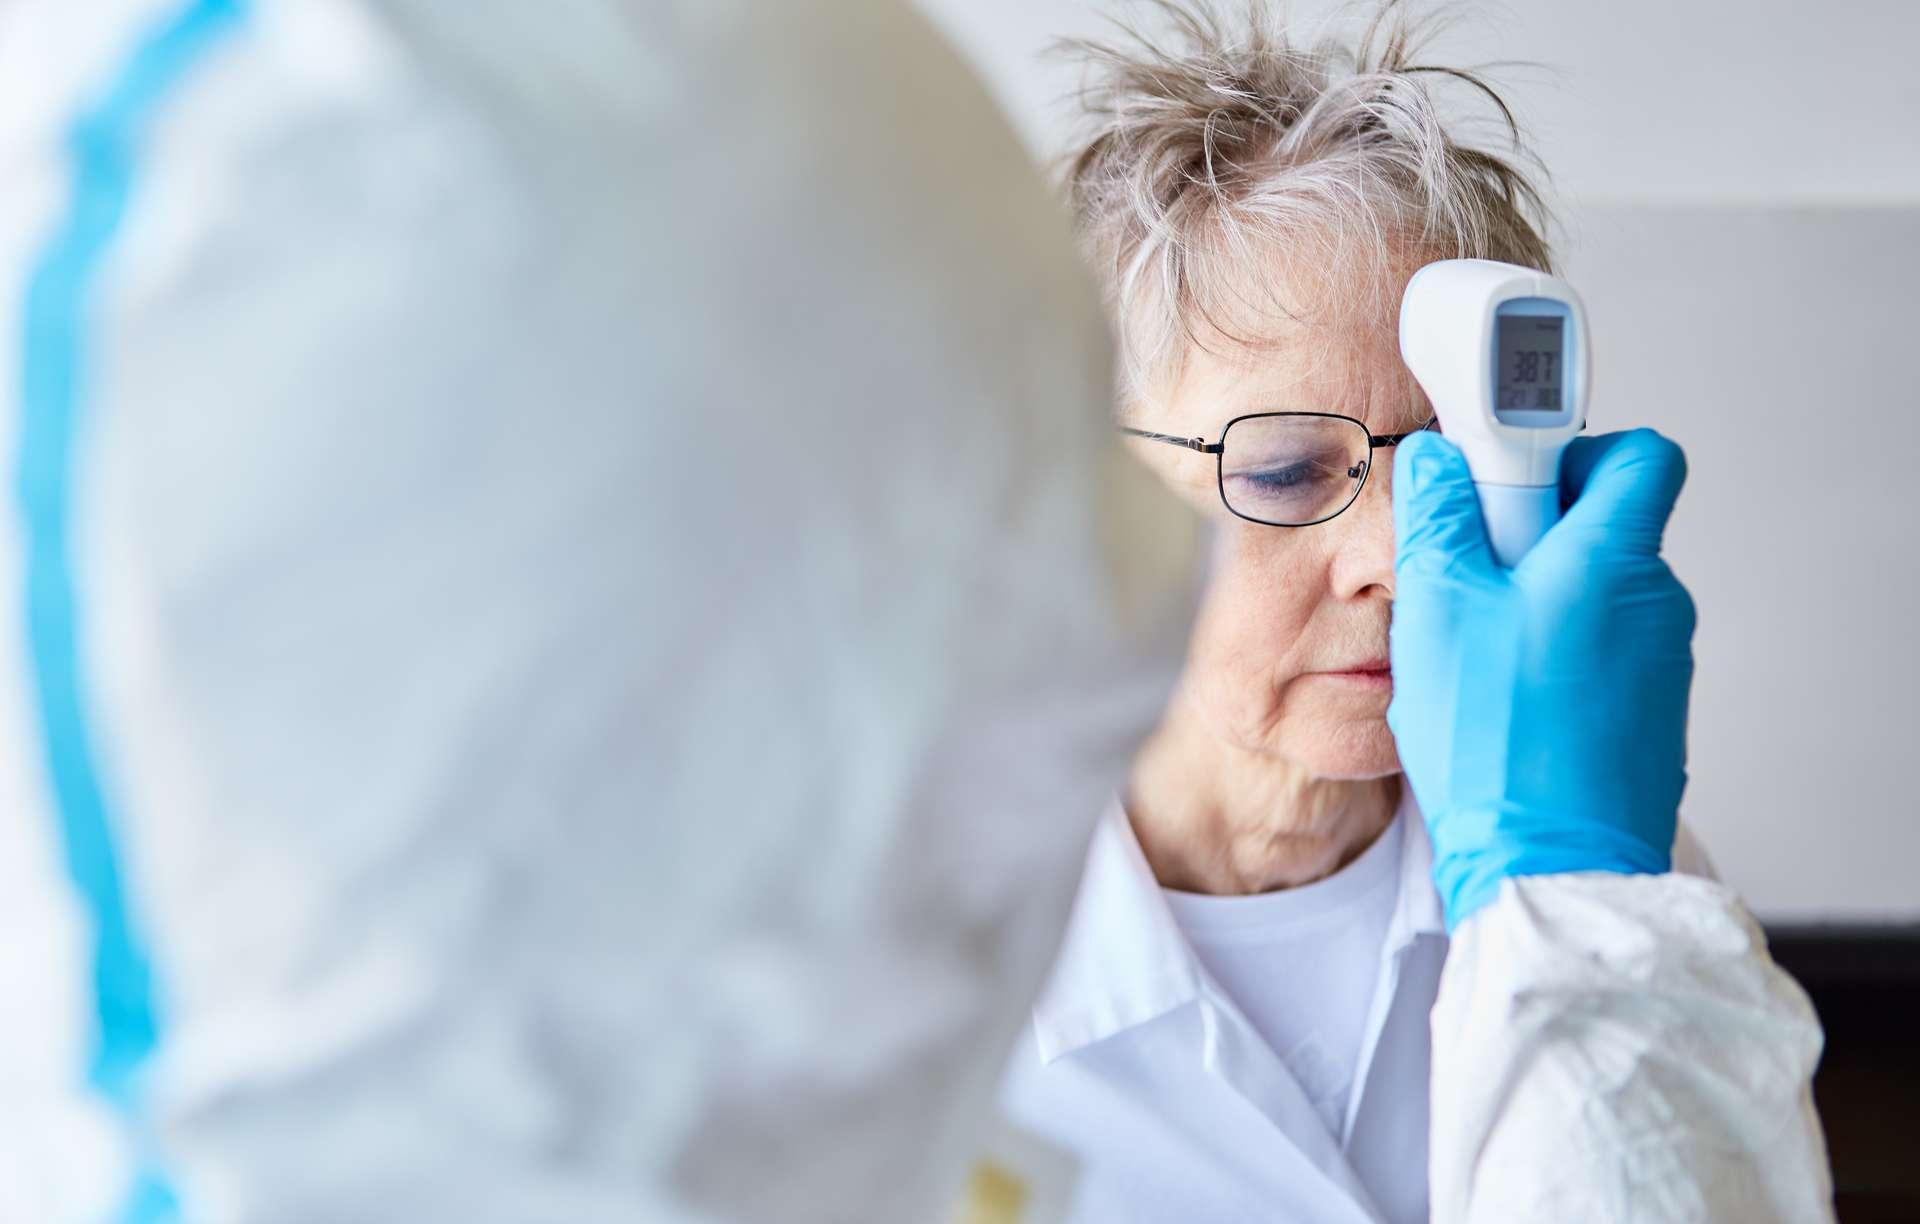 La fièvre reste le symptôme principal du Covid-19, avec la toux et des difficultés respiratoires. D'autres, plus rares, font désormais partie de la liste des symptômes à surveiller selon le CDC. © Robert Kneschke, Adobe Stock